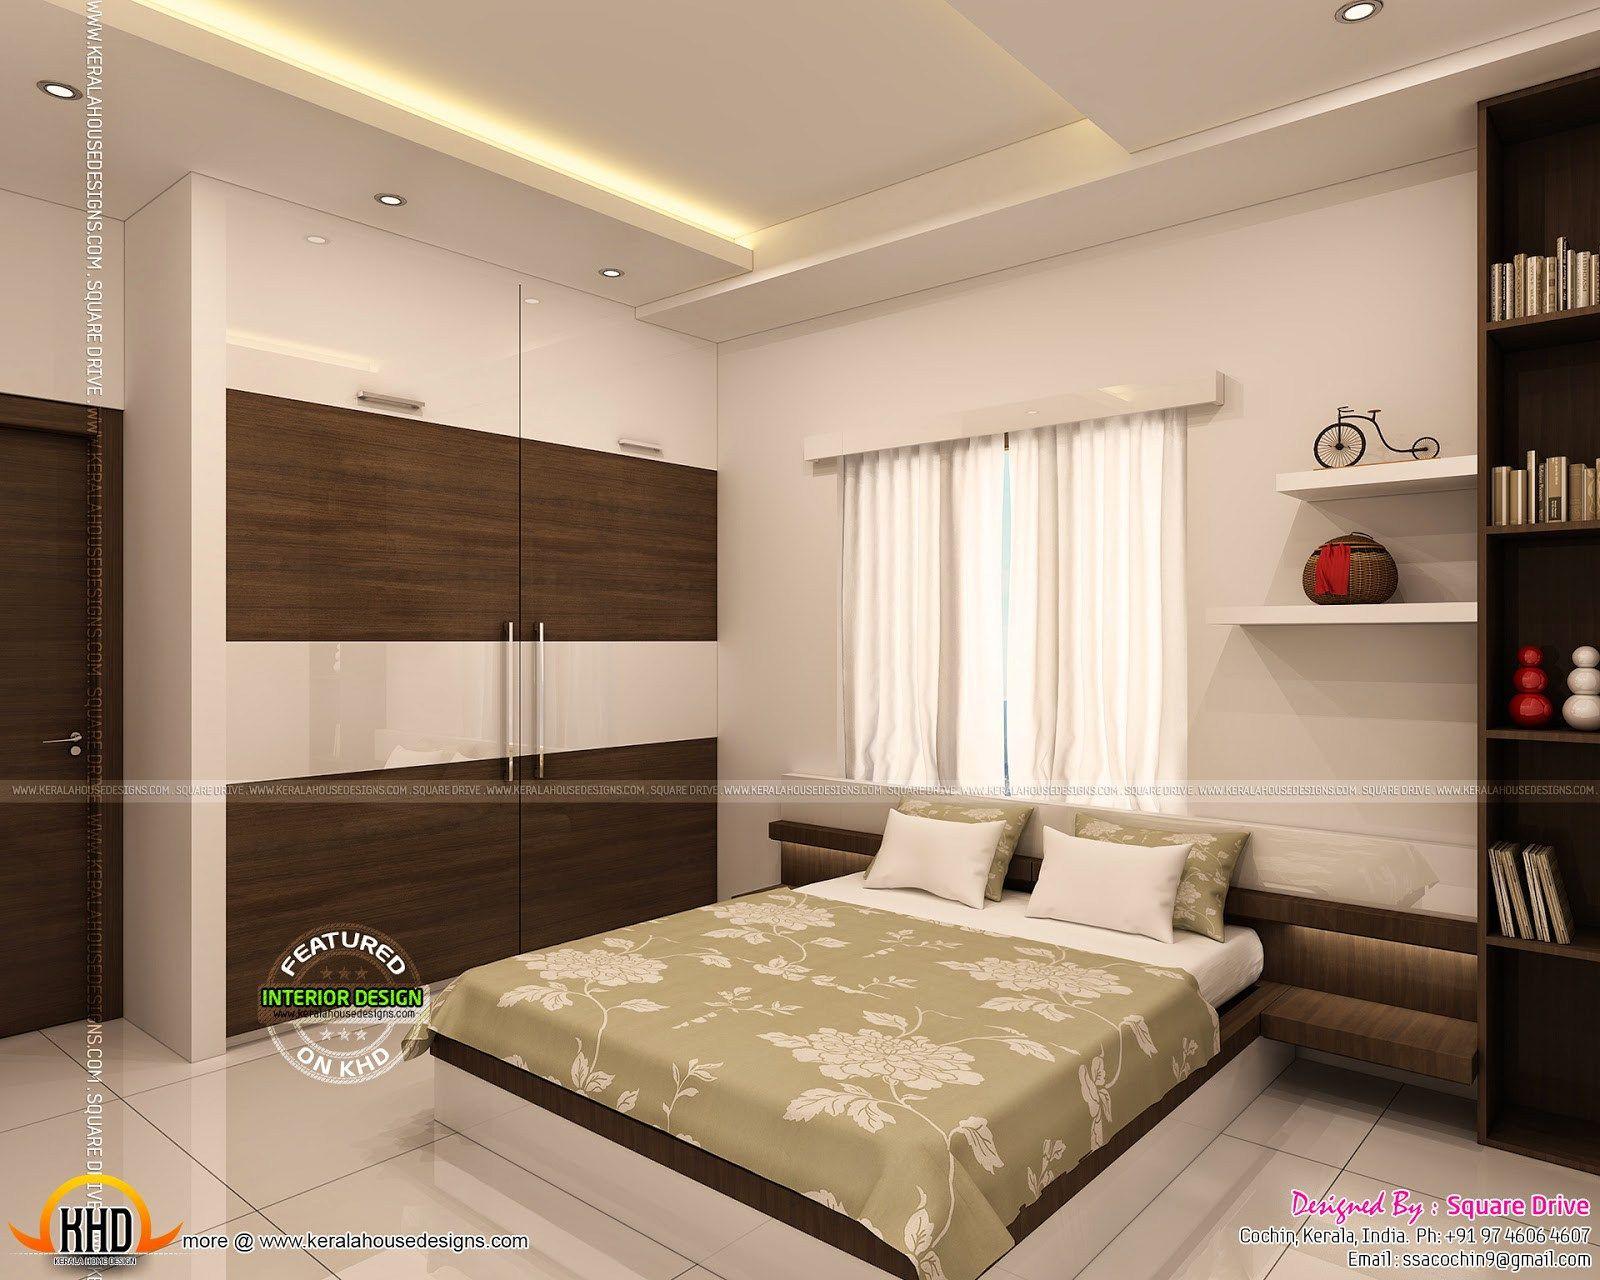 Best Kitchen Gallery: Trendy Bedroom Interior Designs Kerala Home Design Floor Plans of Designing A Bedroom  on rachelxblog.com